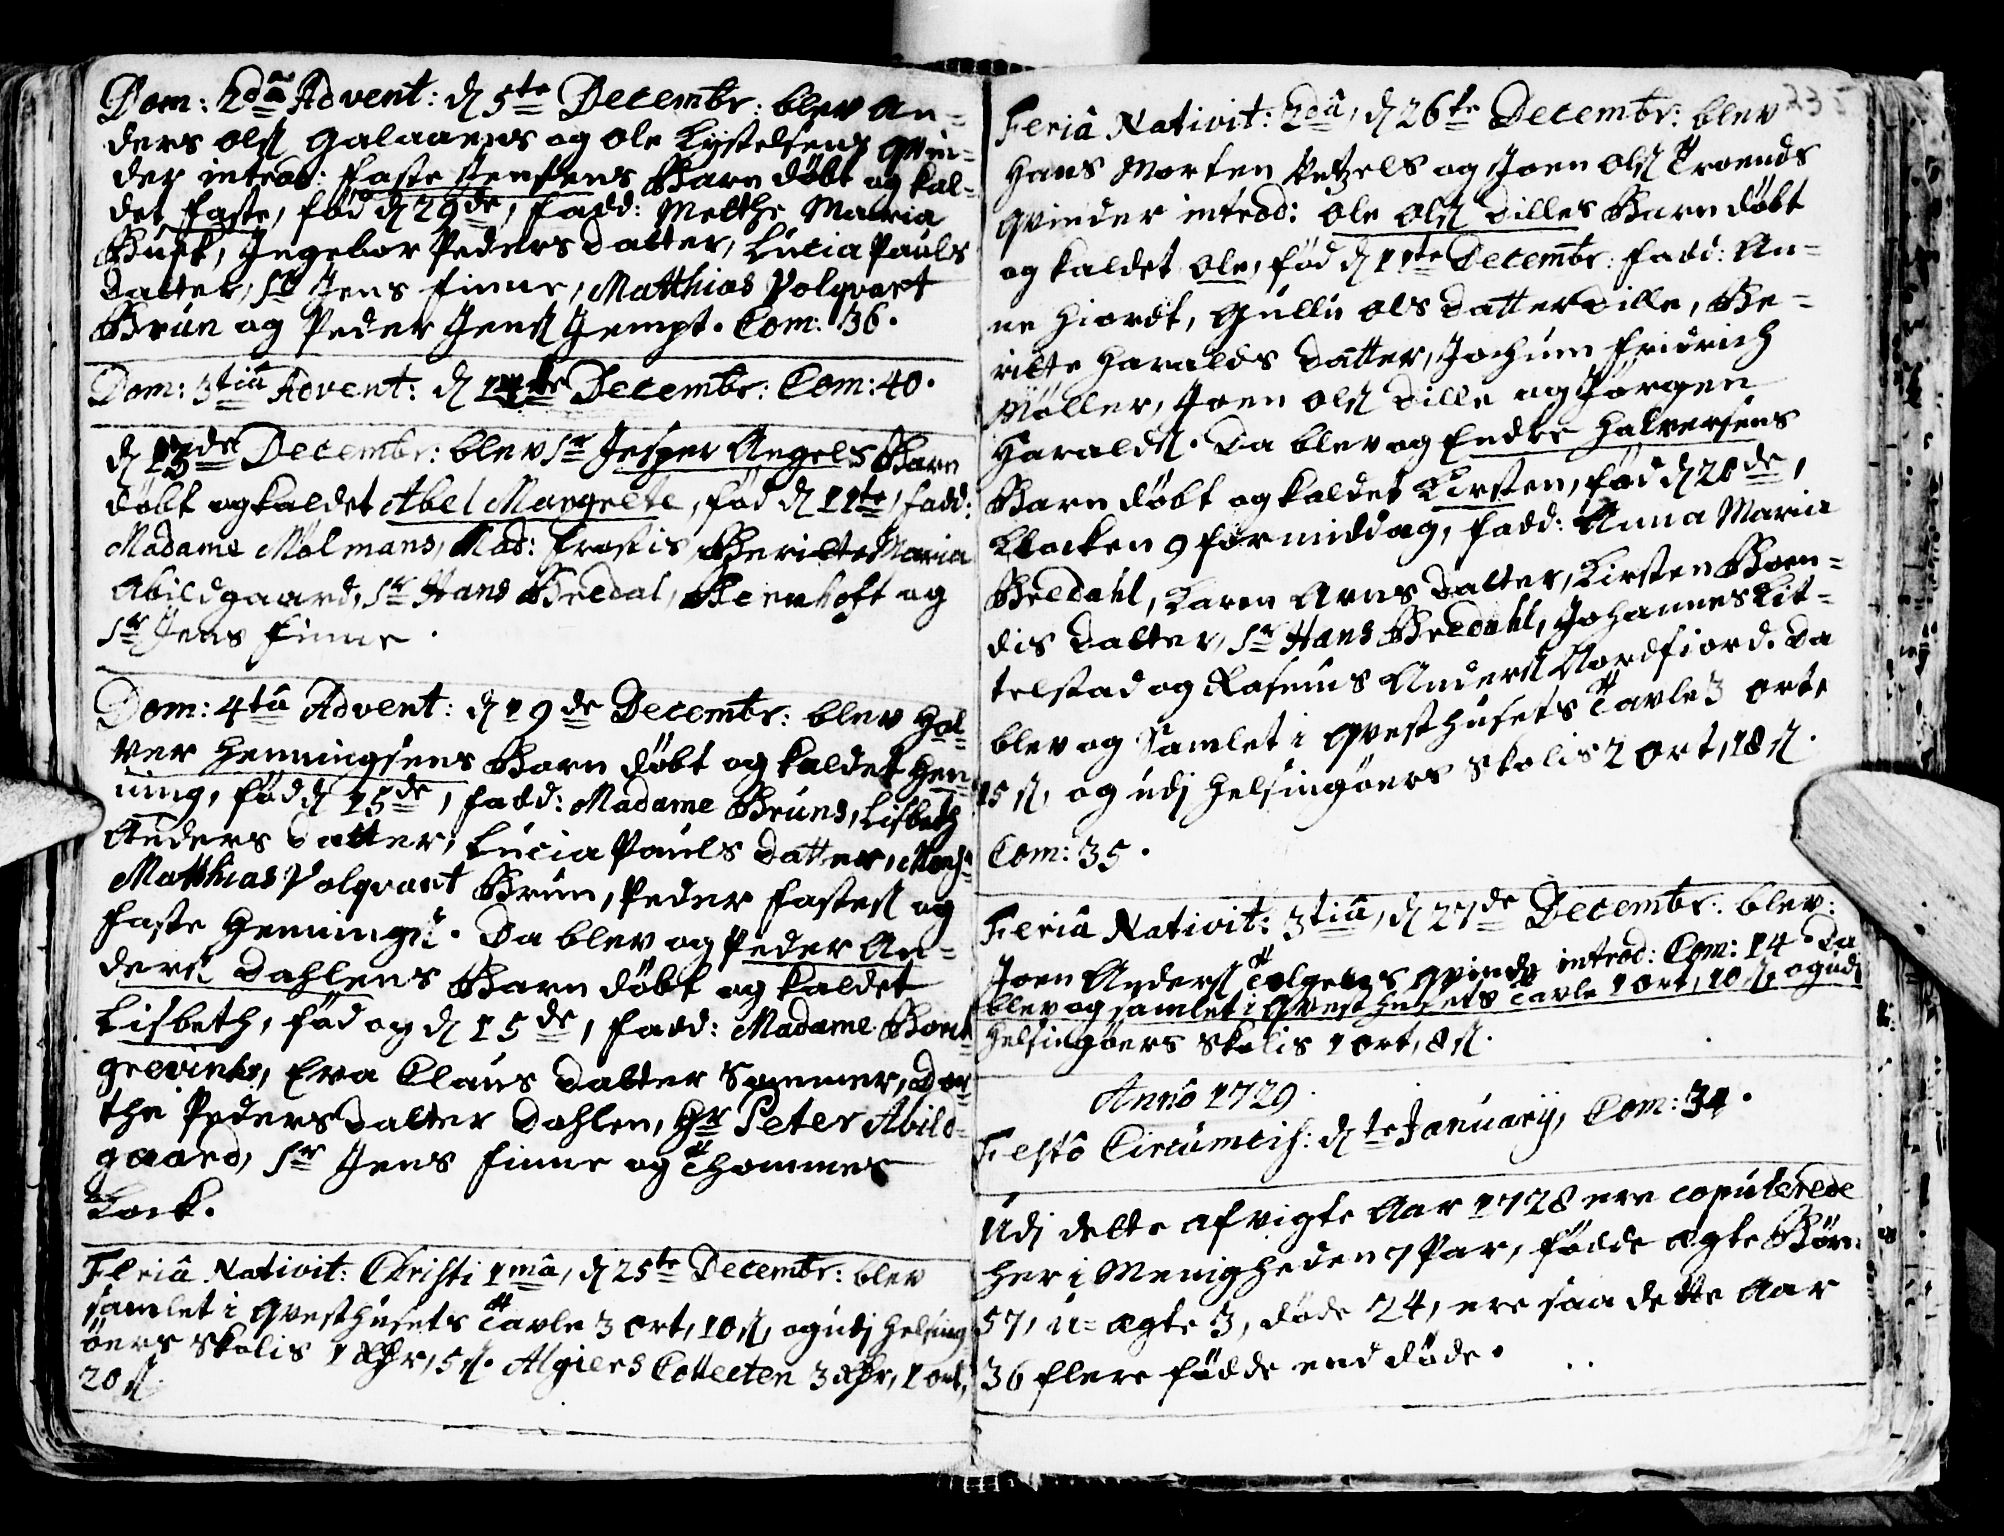 SAT, Ministerialprotokoller, klokkerbøker og fødselsregistre - Sør-Trøndelag, 681/L0924: Ministerialbok nr. 681A02, 1720-1731, s. 234-235